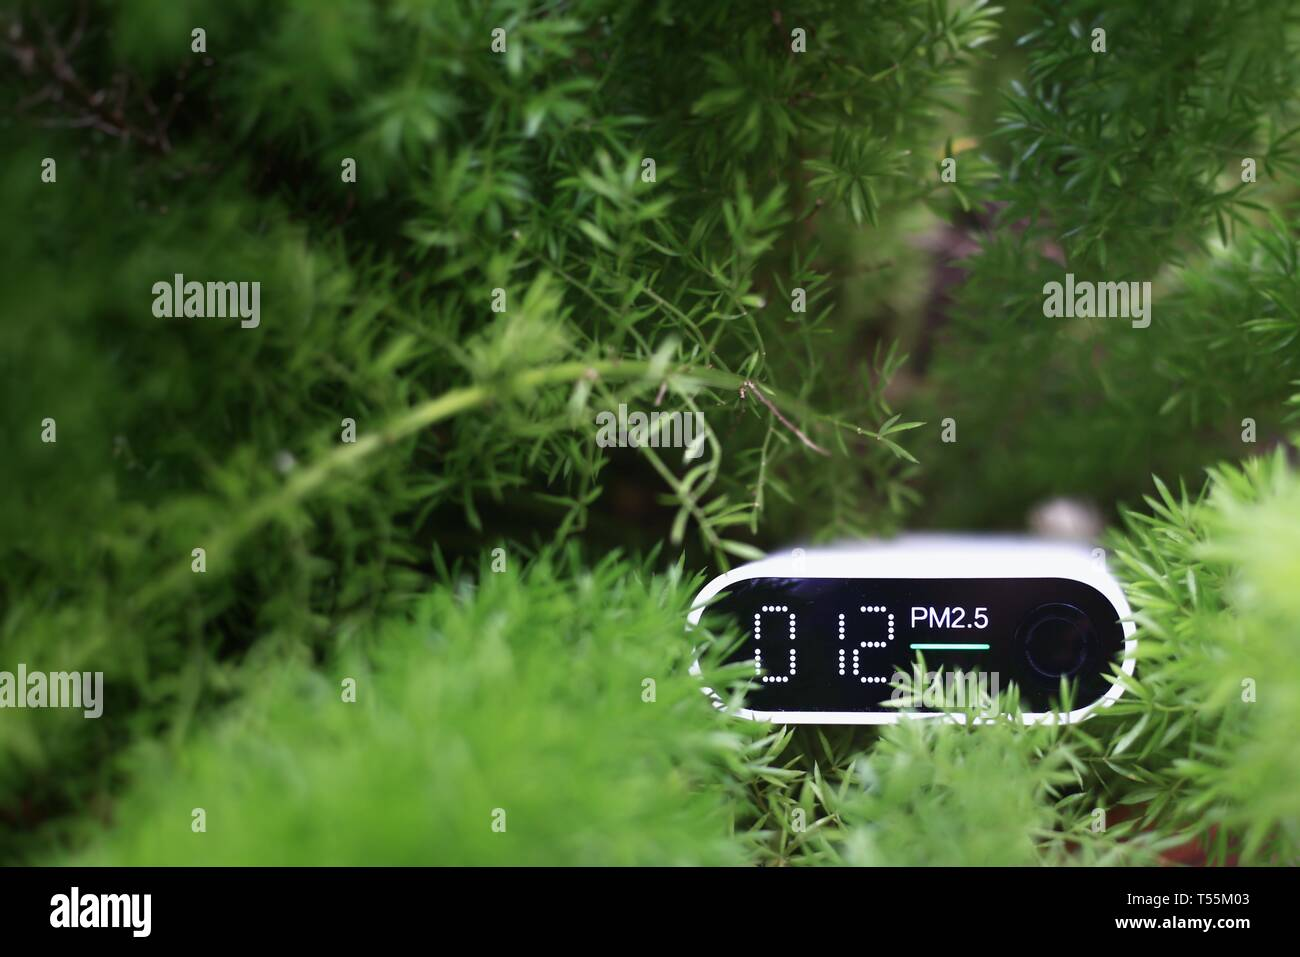 Messung im Freien Luftqualität Feinstaub (PM 2.5.2.5) in einem Busch. schädliche Stäube Melder angezeigt Gesunde akzeptable Qualität Stockfoto